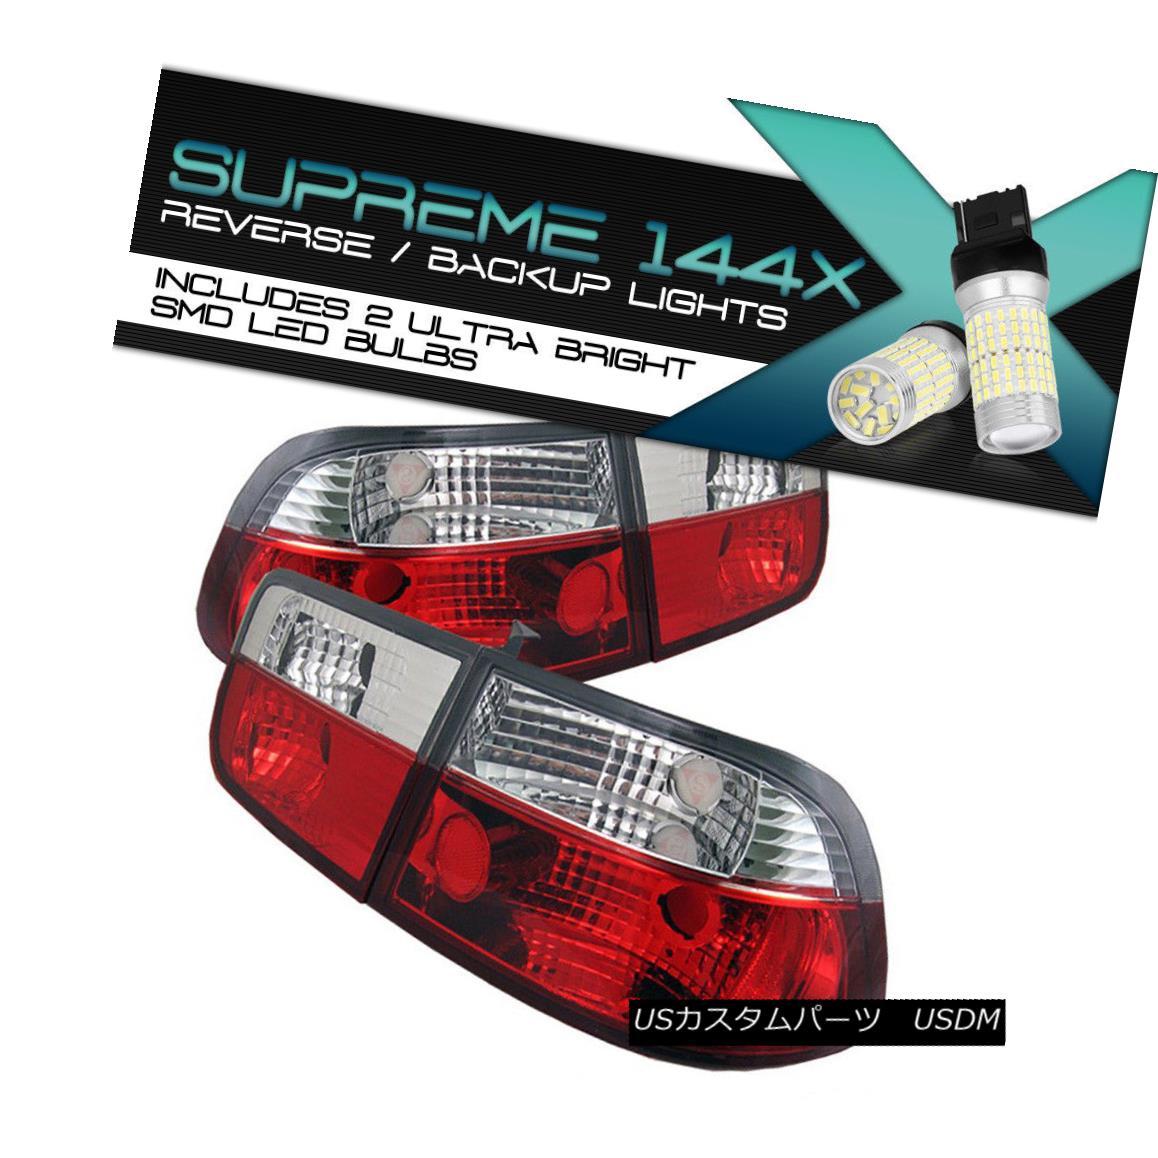 テールライト {Full SMD Backup} CLEAR LED Tail Light Turn Signal 96-00 CIVIC EM 2DR Coupe B16 {フルSMDバックアップ} CLEAR LEDテールライト回転信号96-00 CIVIC EM 2DRクーペB16